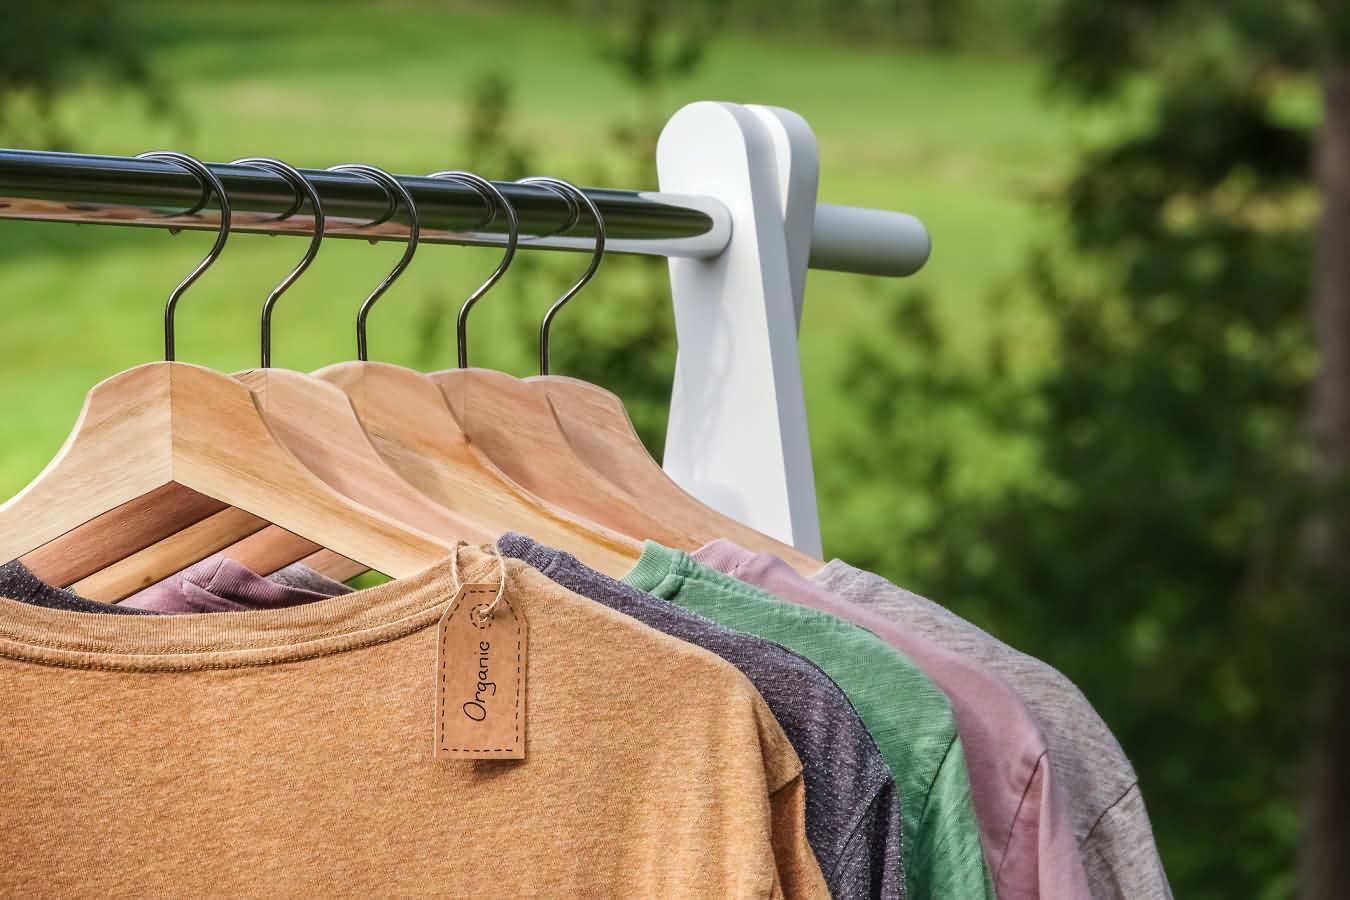 Эко-мода: где купить eco friendly одежду и не переплачивать?